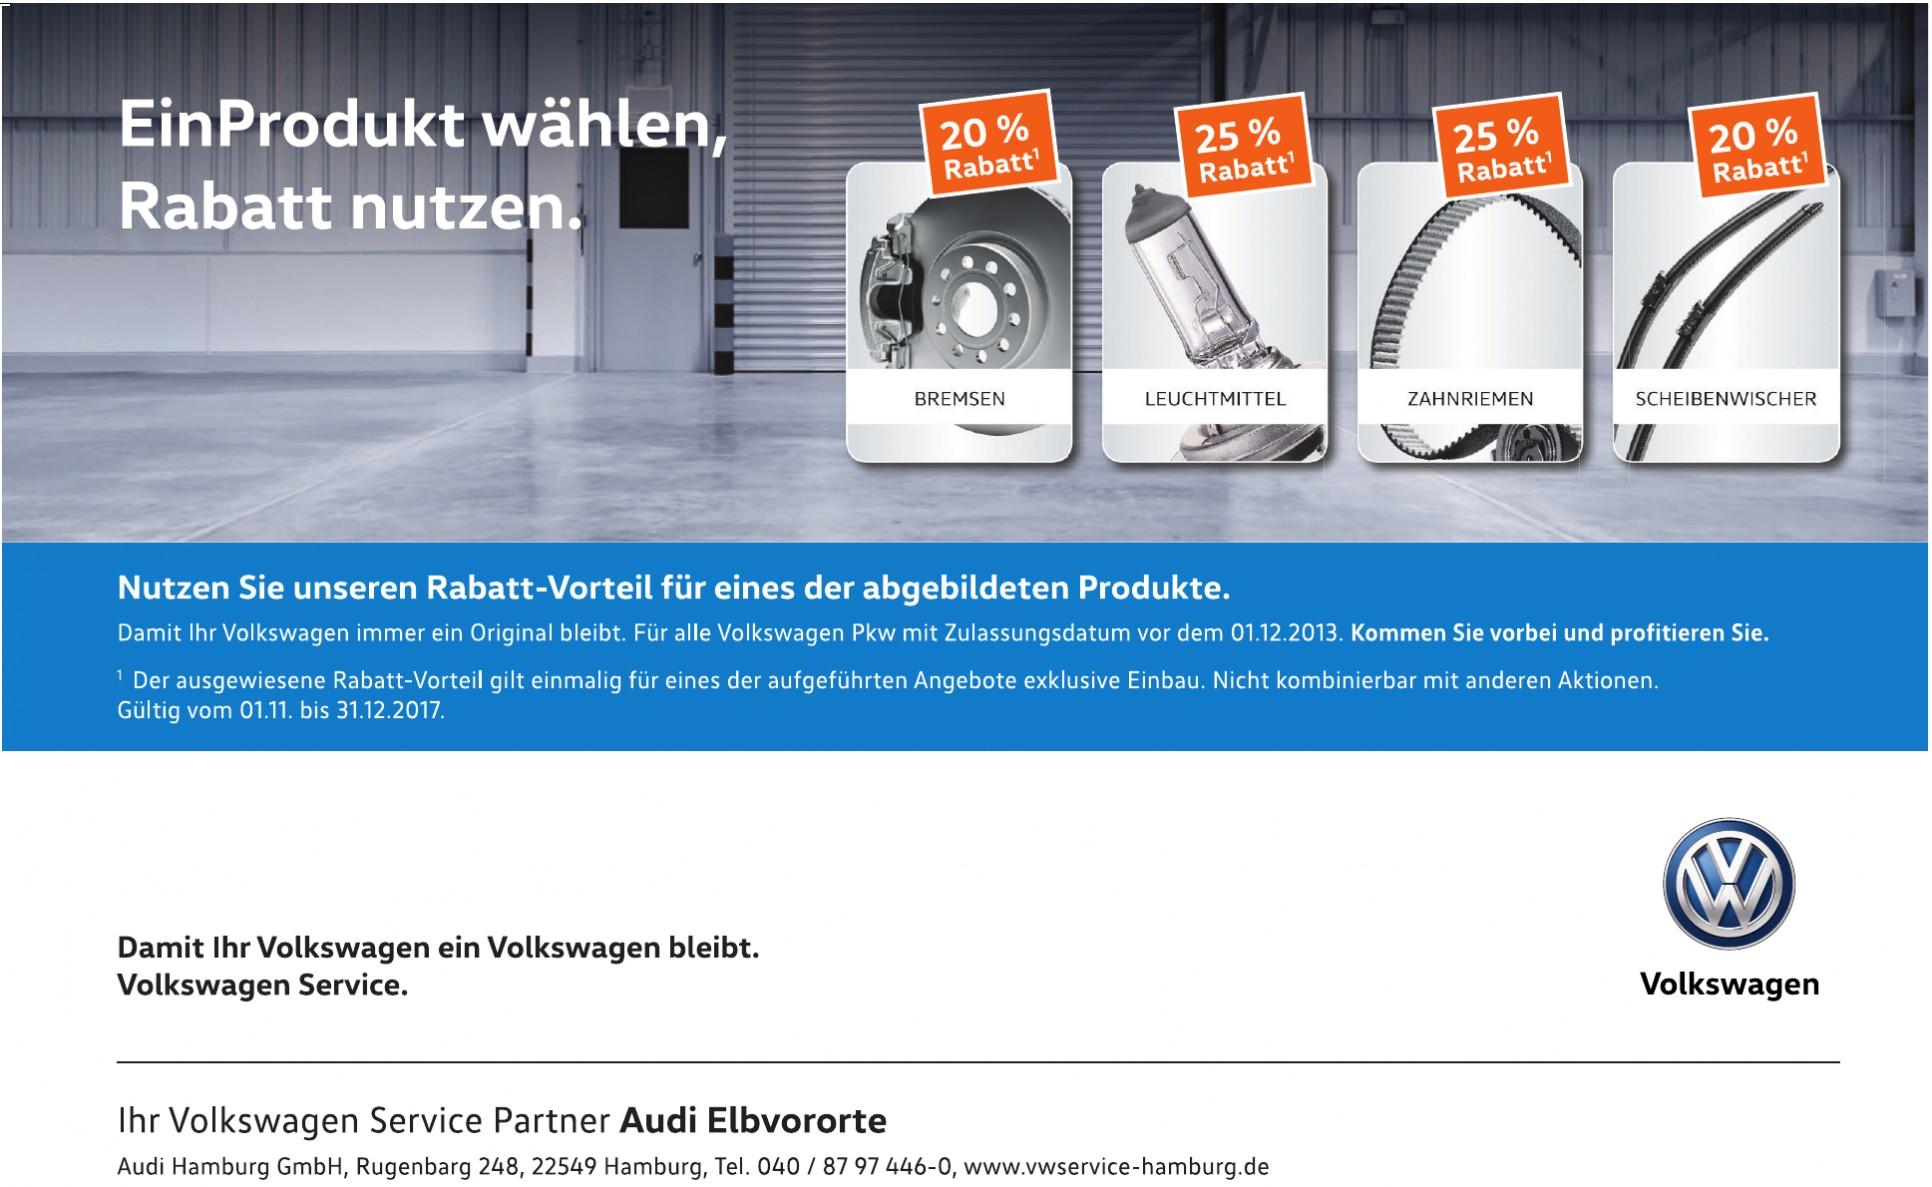 Audi Elbovorte